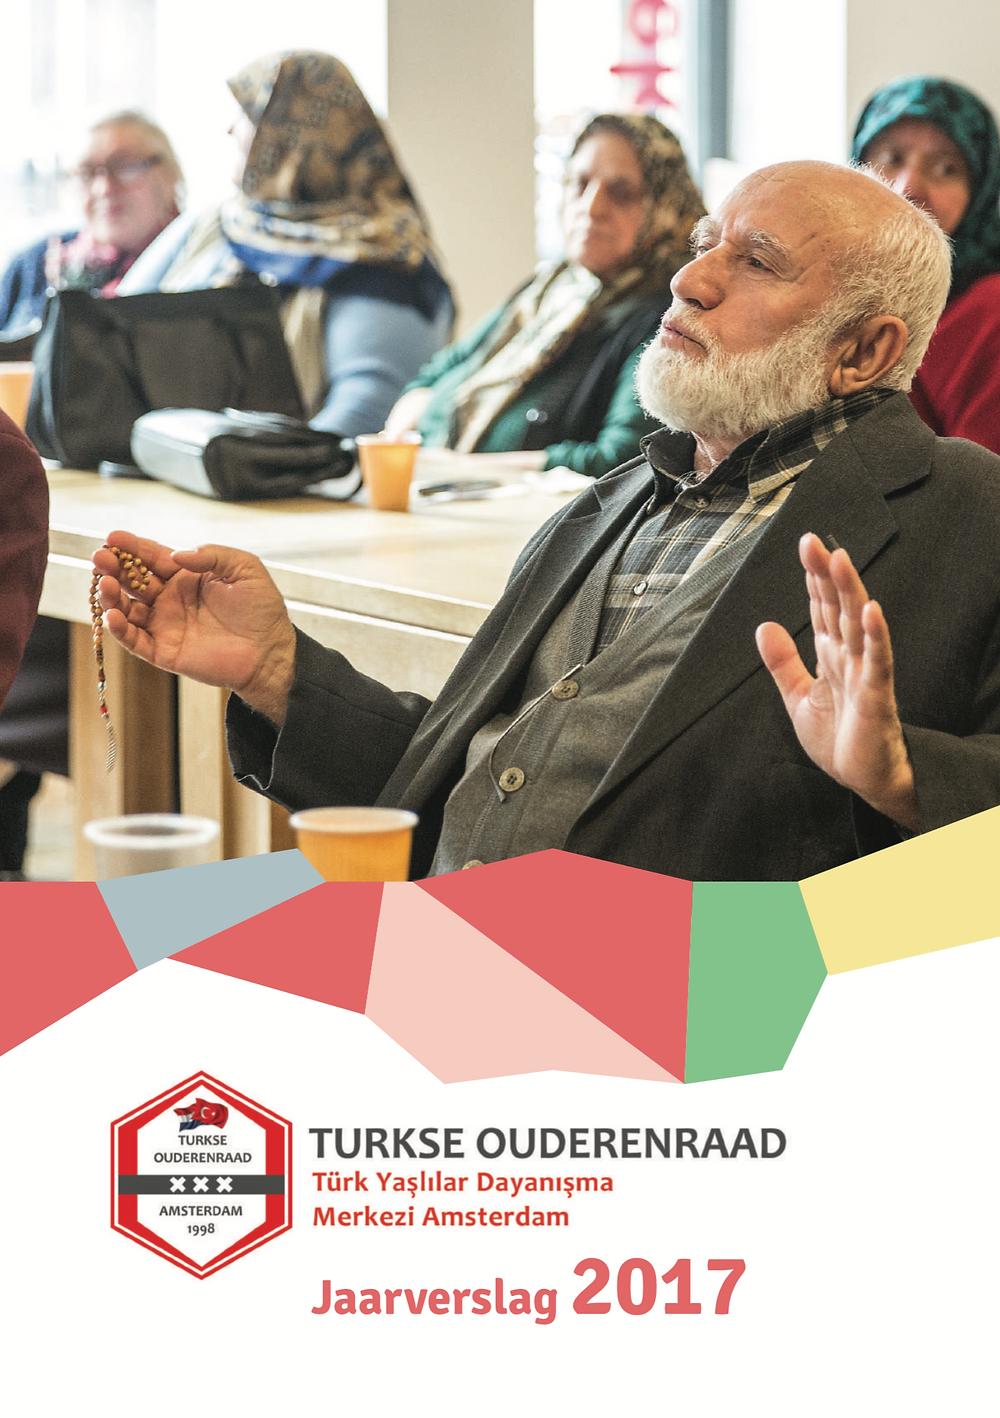 Jaarverslag 2017 Turkse Ouderenraad